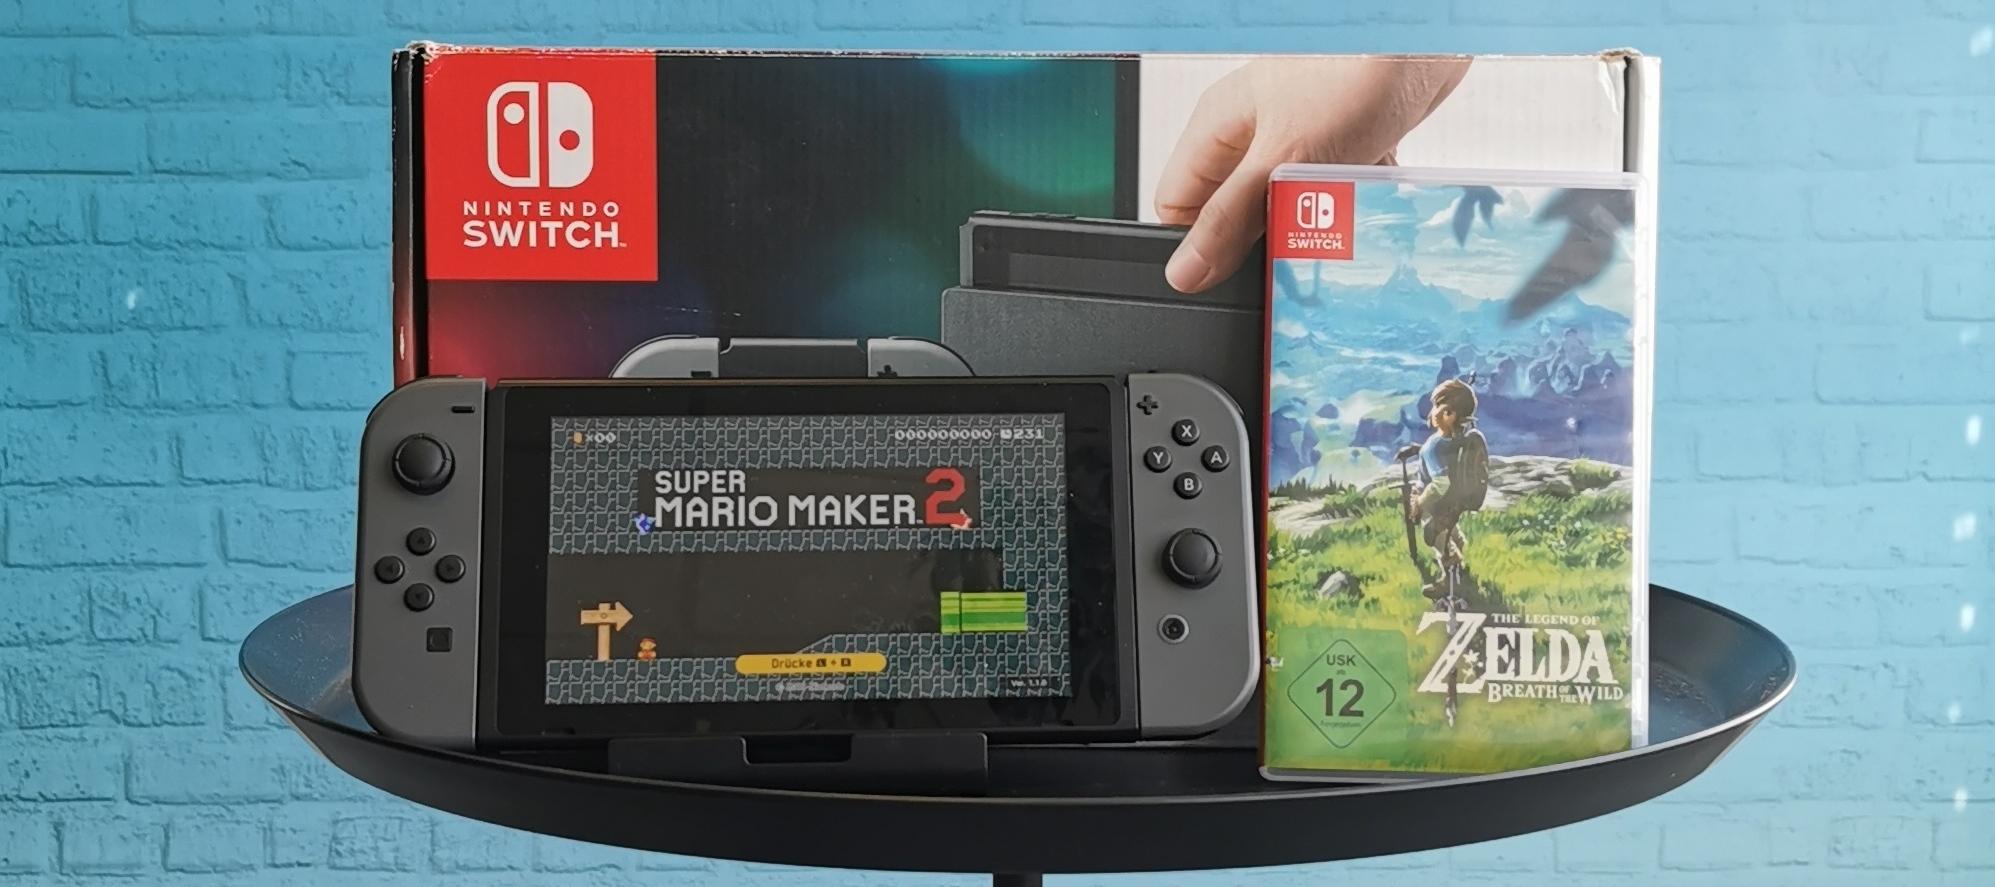 Nintendo Switch Testgerät: Wir suchen dich als Spieletester/in - Bewirb dich jetzt!